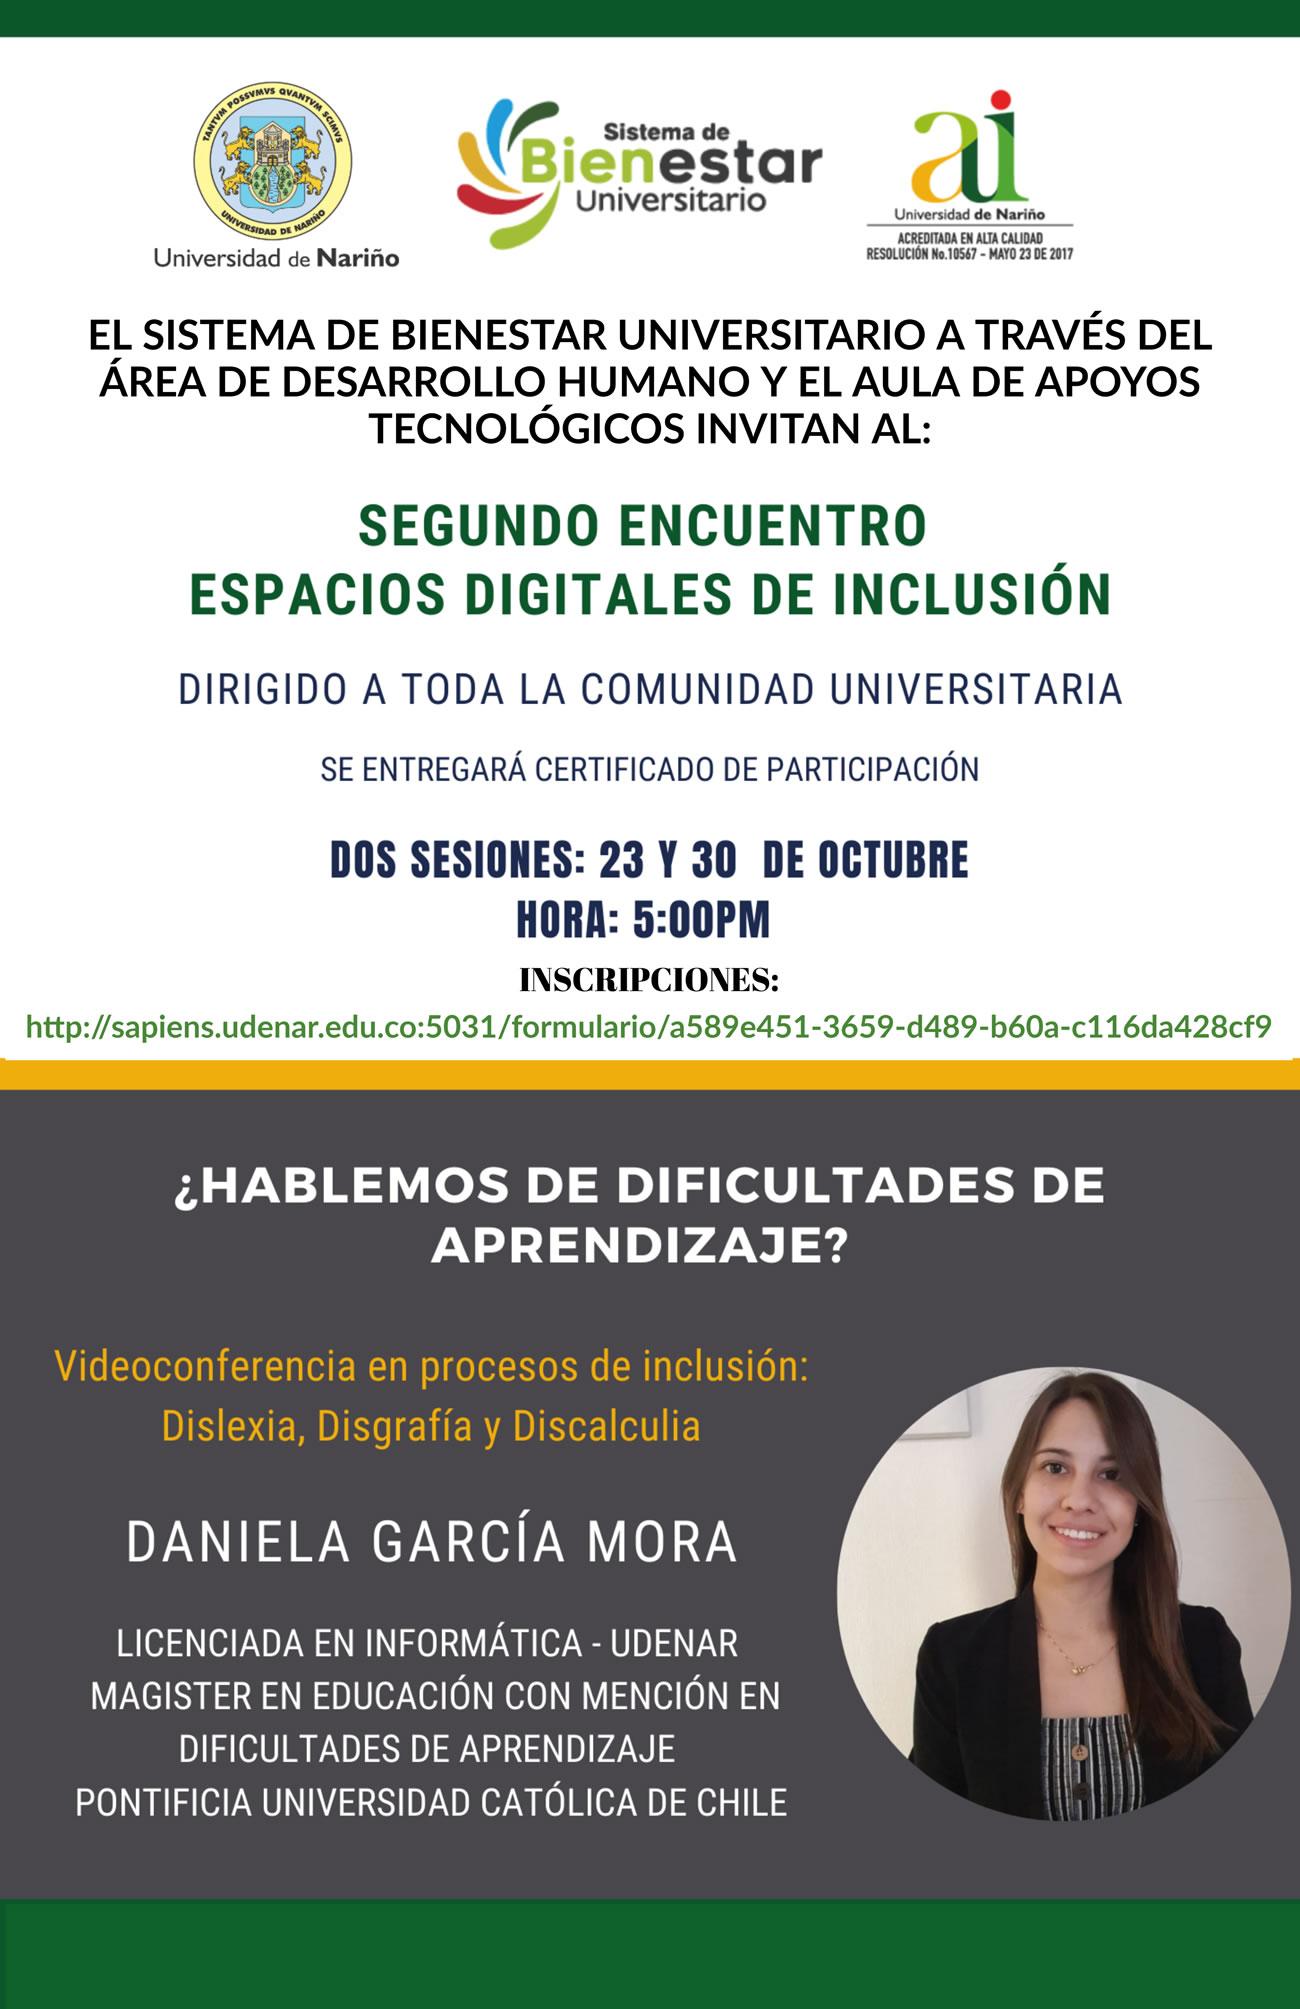 espacios digitales de inclusion